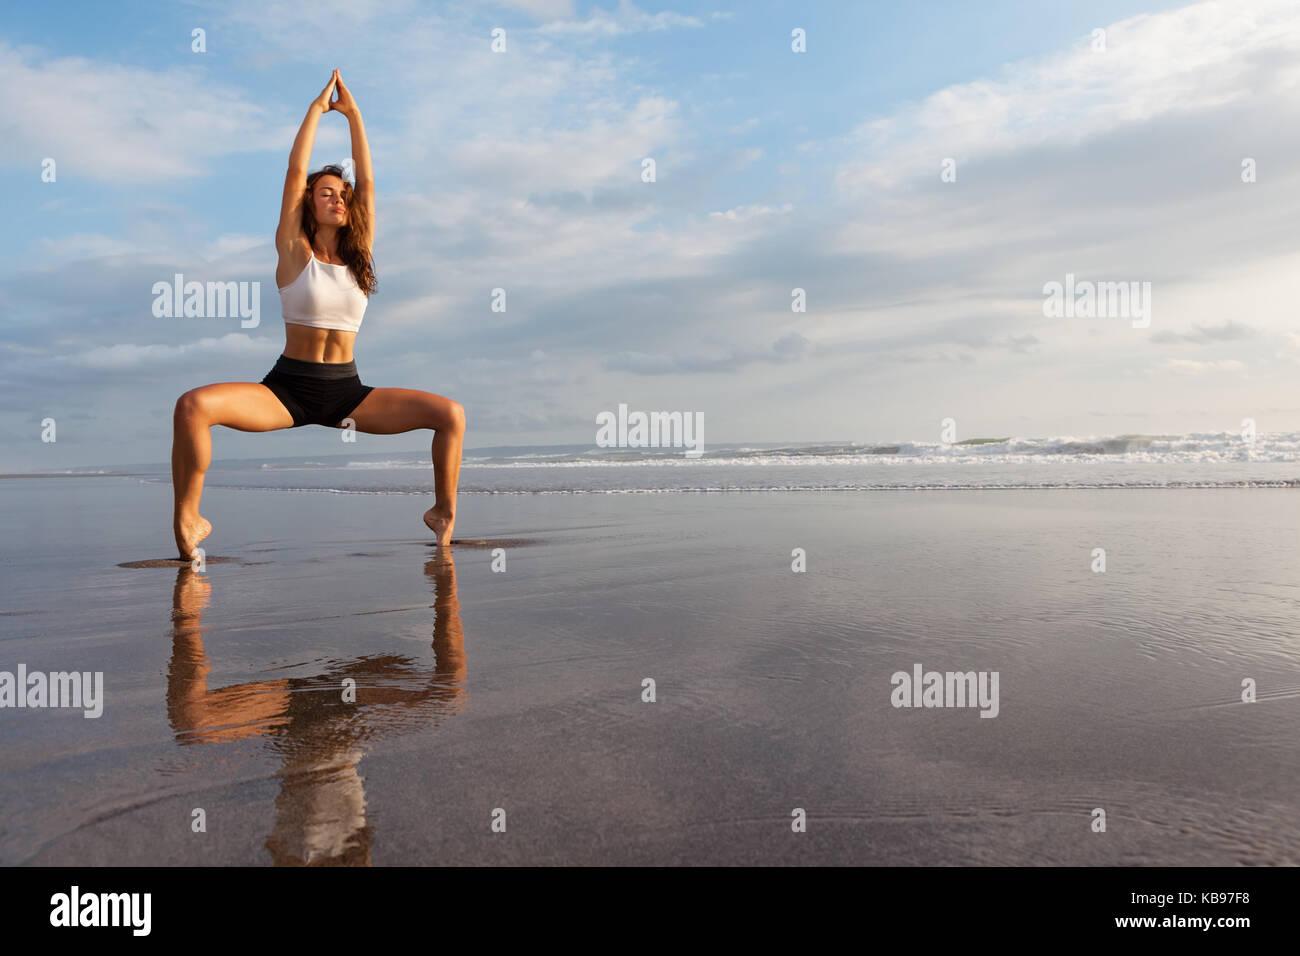 La meditazione sul Cielo di tramonto sfondo. giovane donna attiva nello yoga pone sul mare spiaggia, stretching Immagini Stock